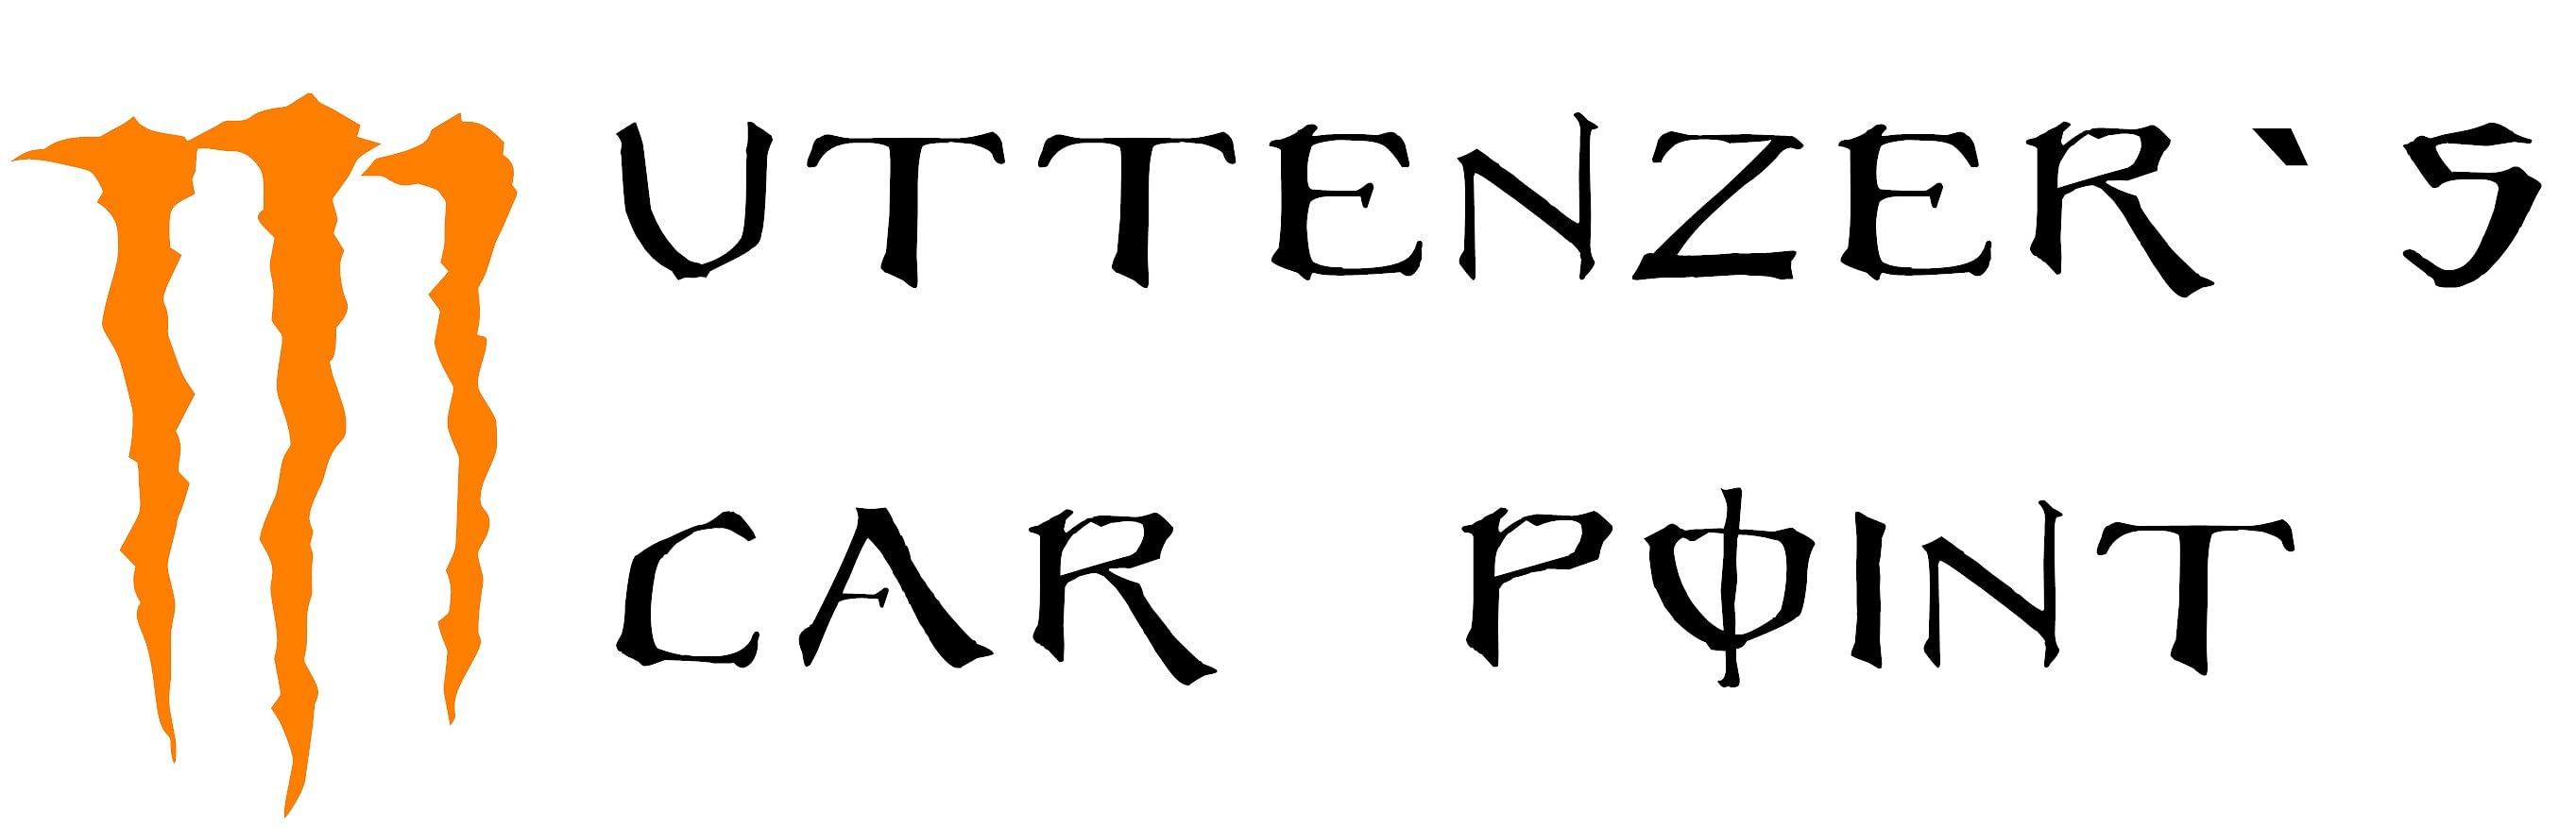 Muttenzer's Car-Point